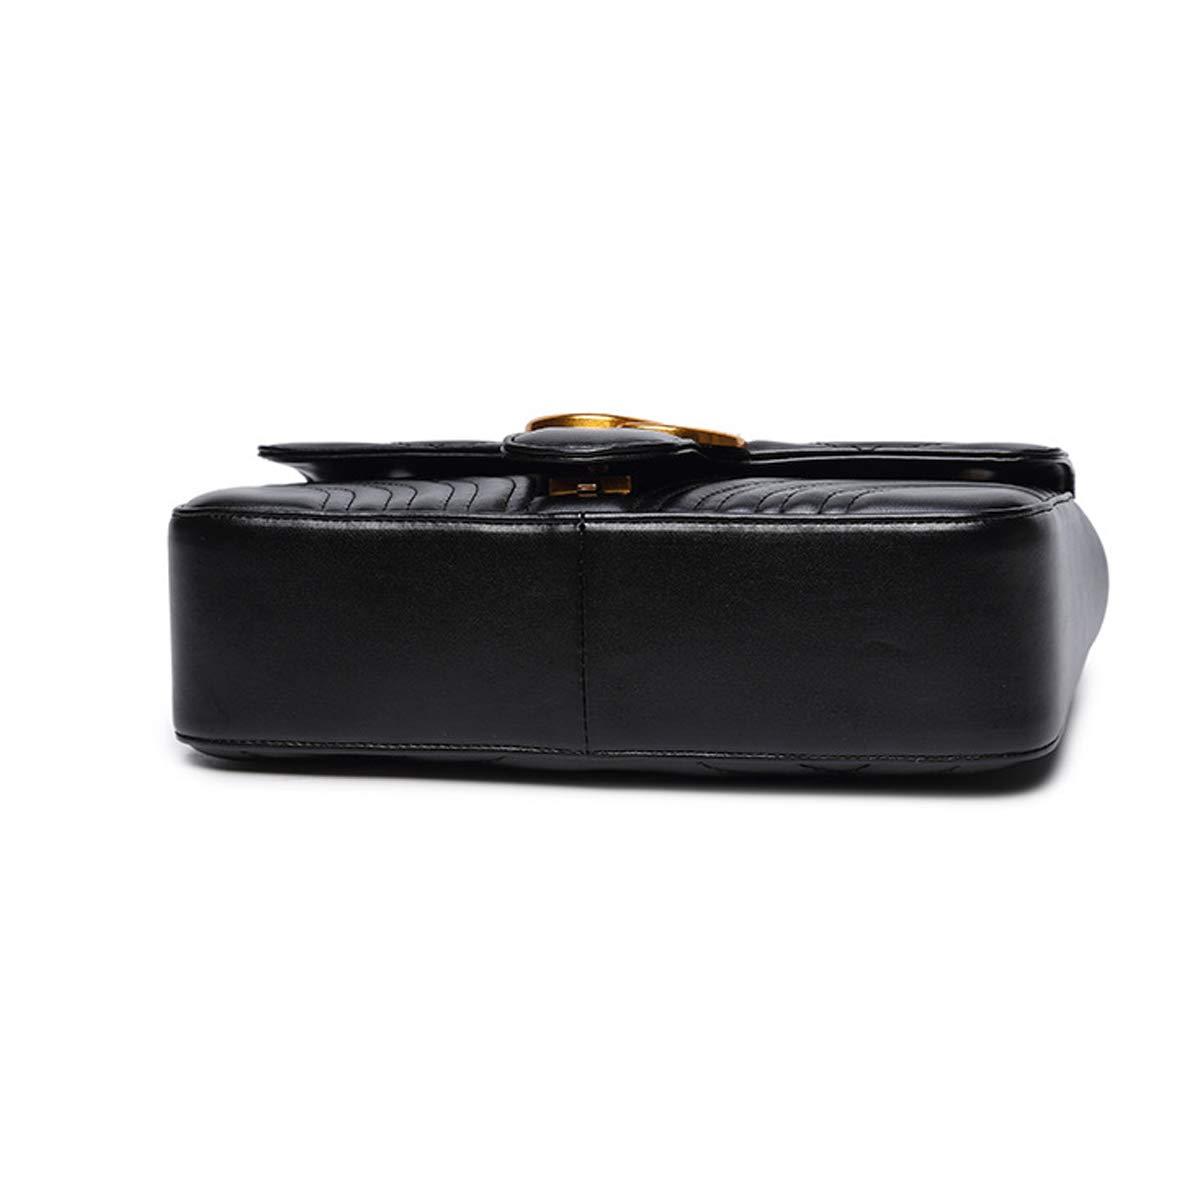 2019 neue lamm muster Gold kette umhängetasche mini umhängetasche umhängetasche umhängetasche damen handtasche handtasche klassische abendtasche (schwarz, Small) B07P9NLDN5 Damenhandtaschen Adoptieren f24375